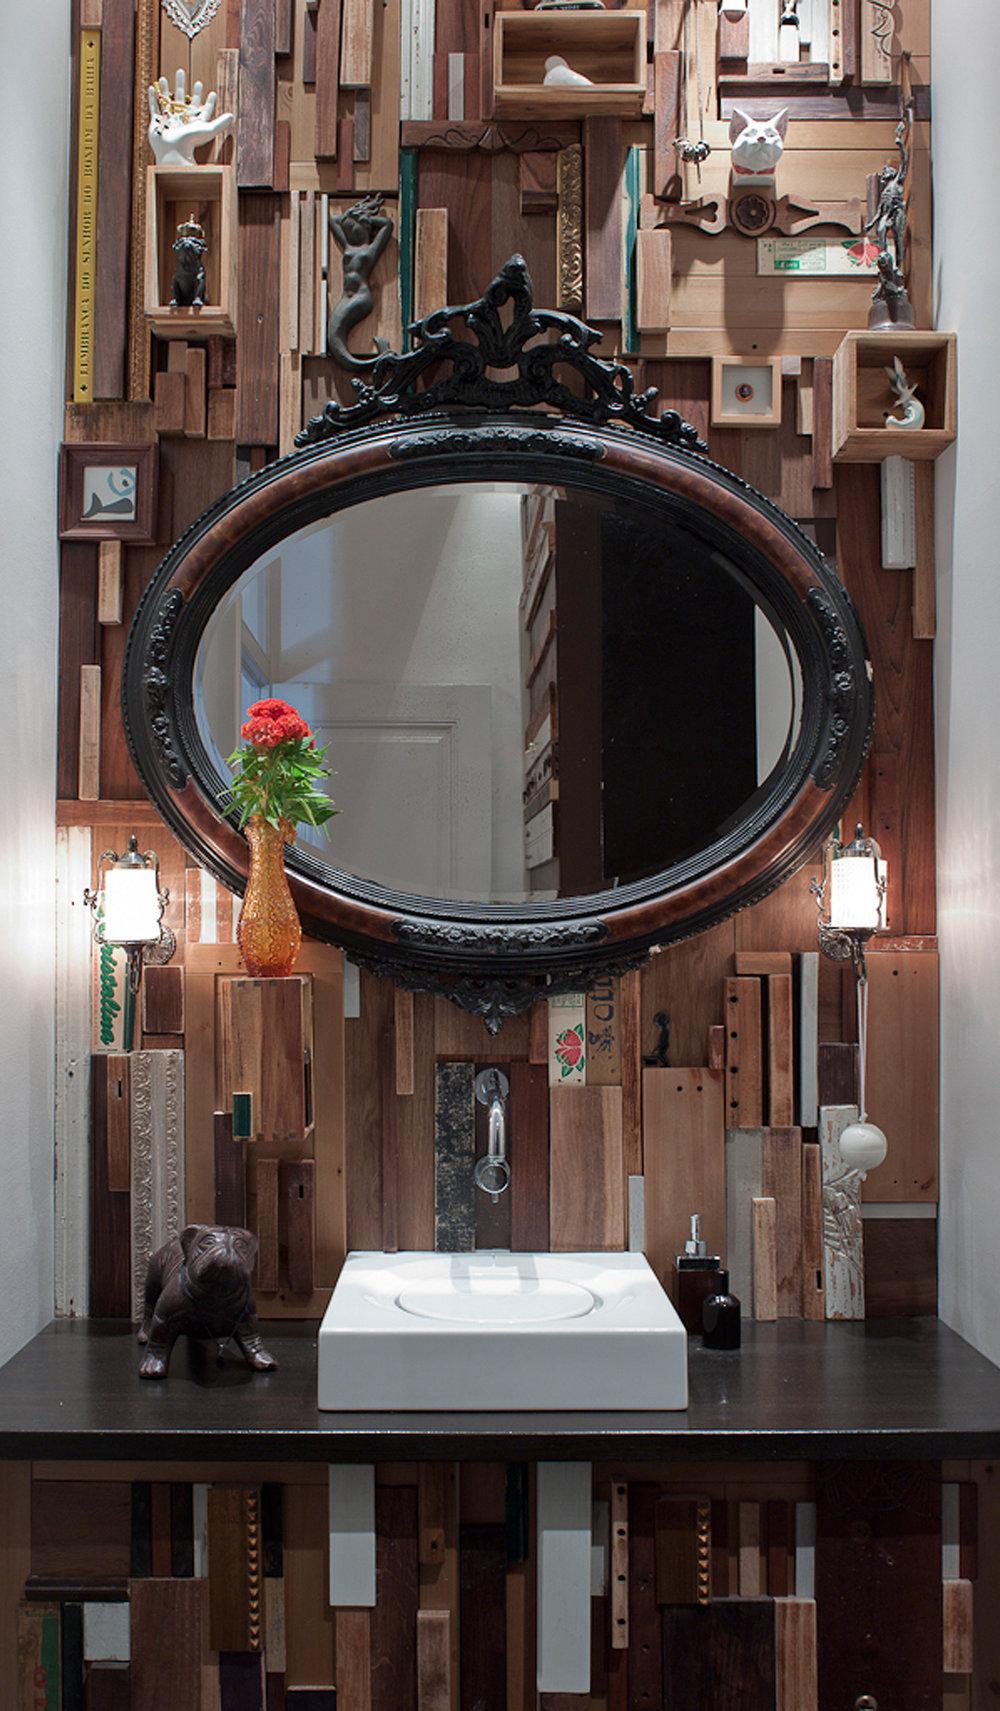 Oficina Marques interior design  (22).jpg